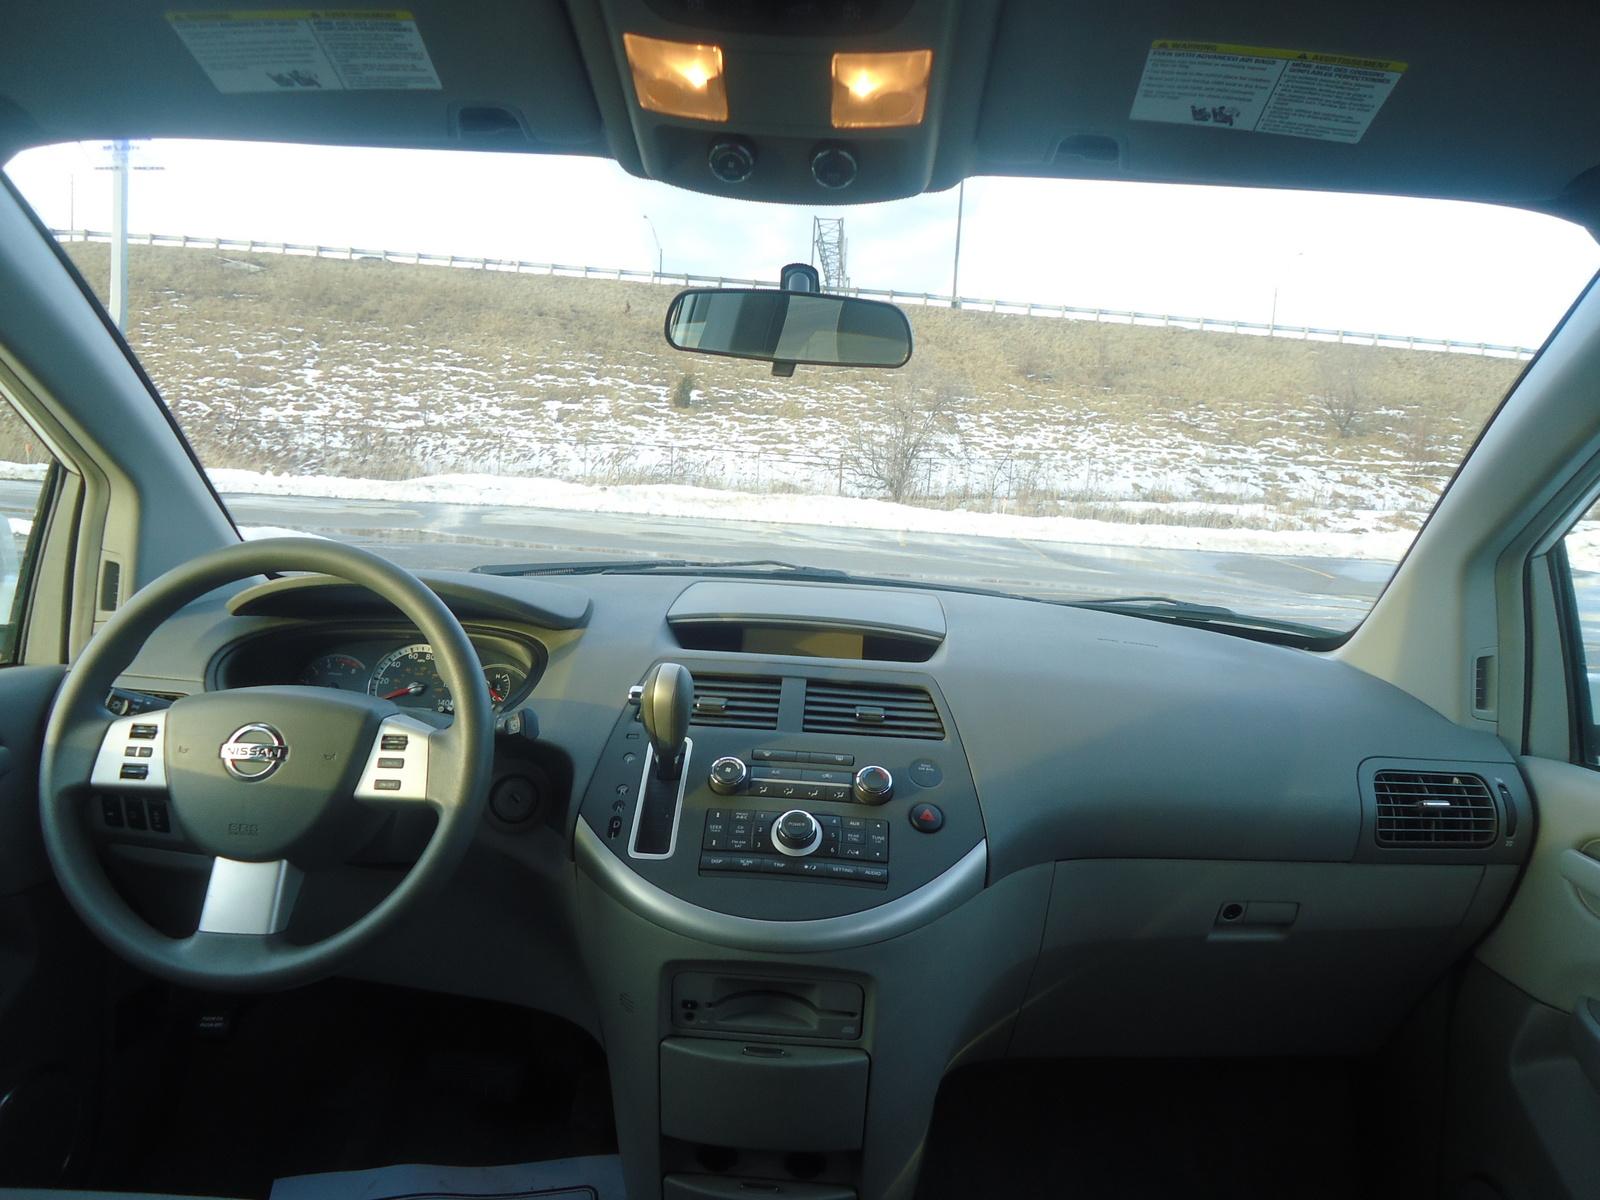 2009 Nissan Quest